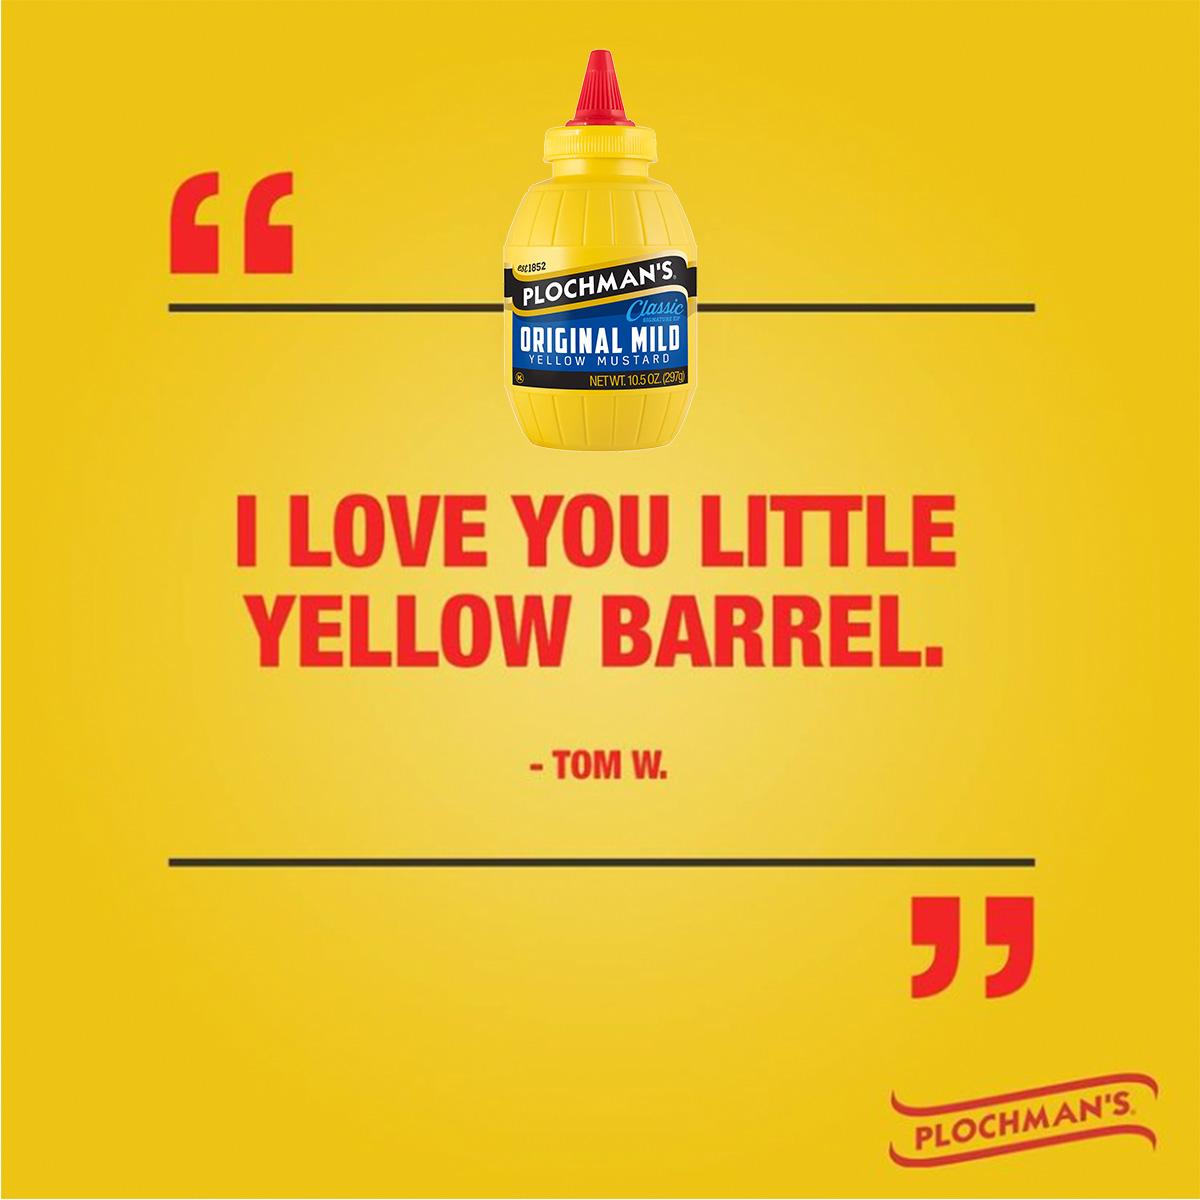 Plochman's: 'I love you little yellow barrel.' - Tom W